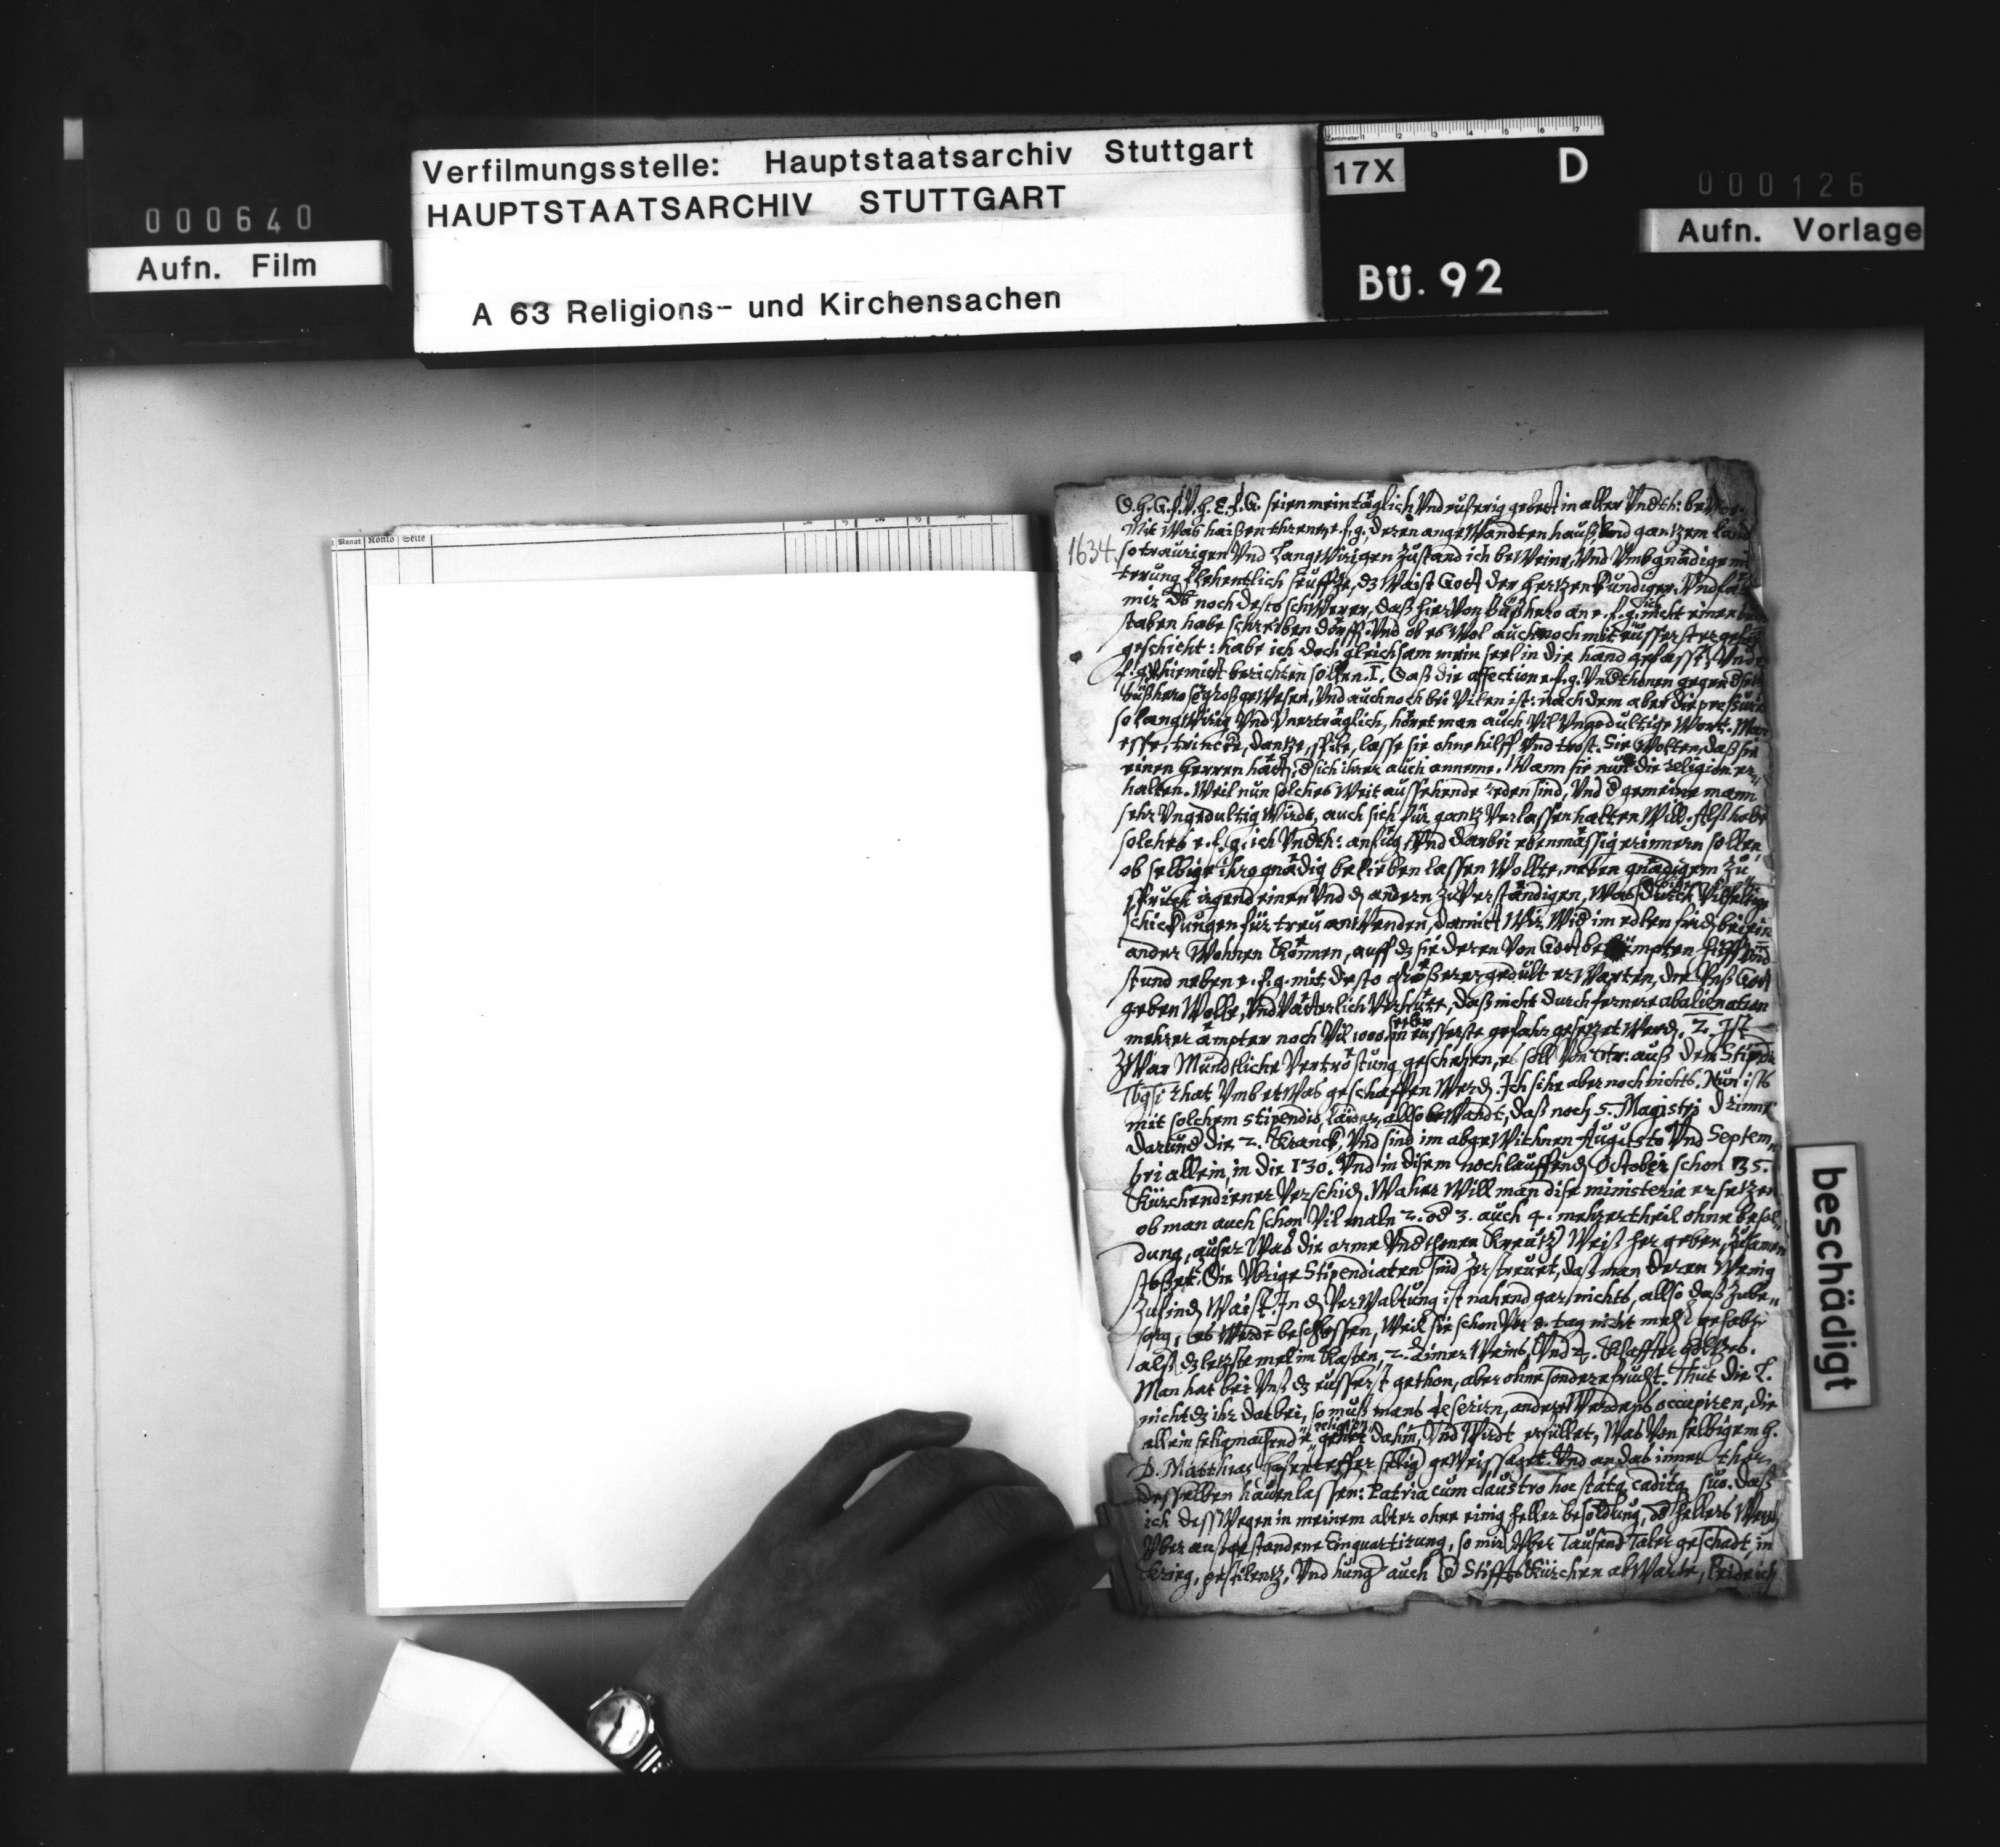 Schreiben des Konsistorialrats Erhard Weinmann an Herzog Eberhard III. von Württemberg in Straßburg über die kirchliche Not und den Mangel an Theologen., Bild 2